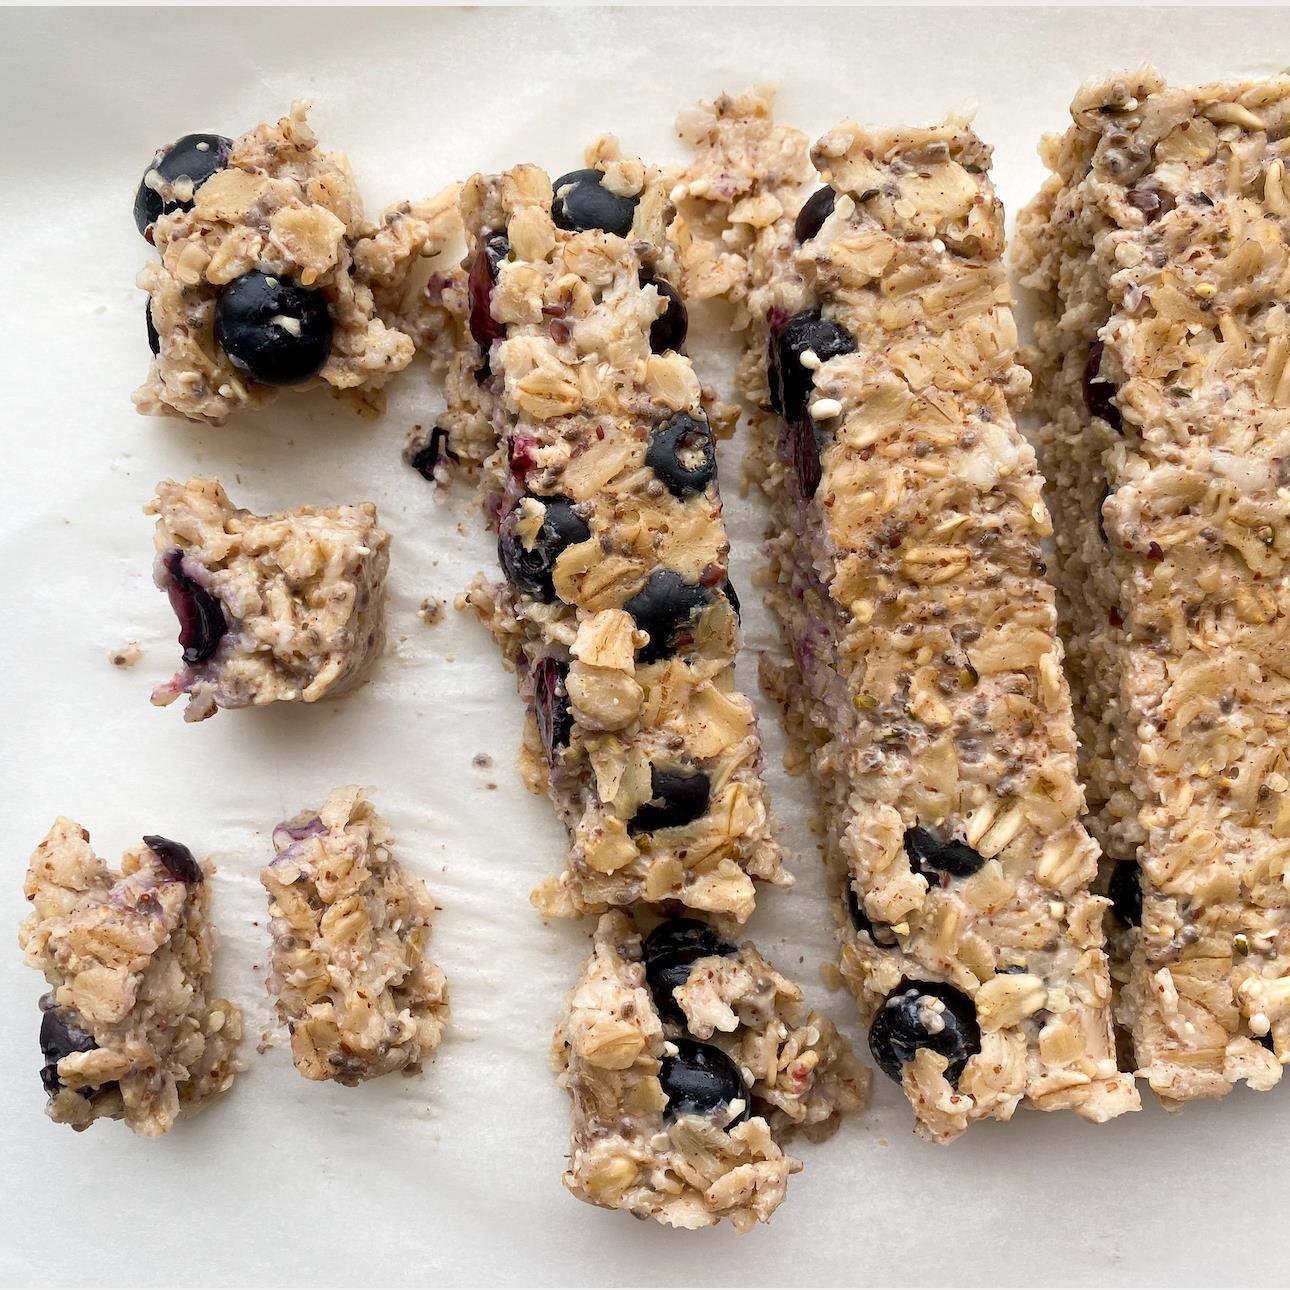 Baby-Led Weaning Oatmeal Bites